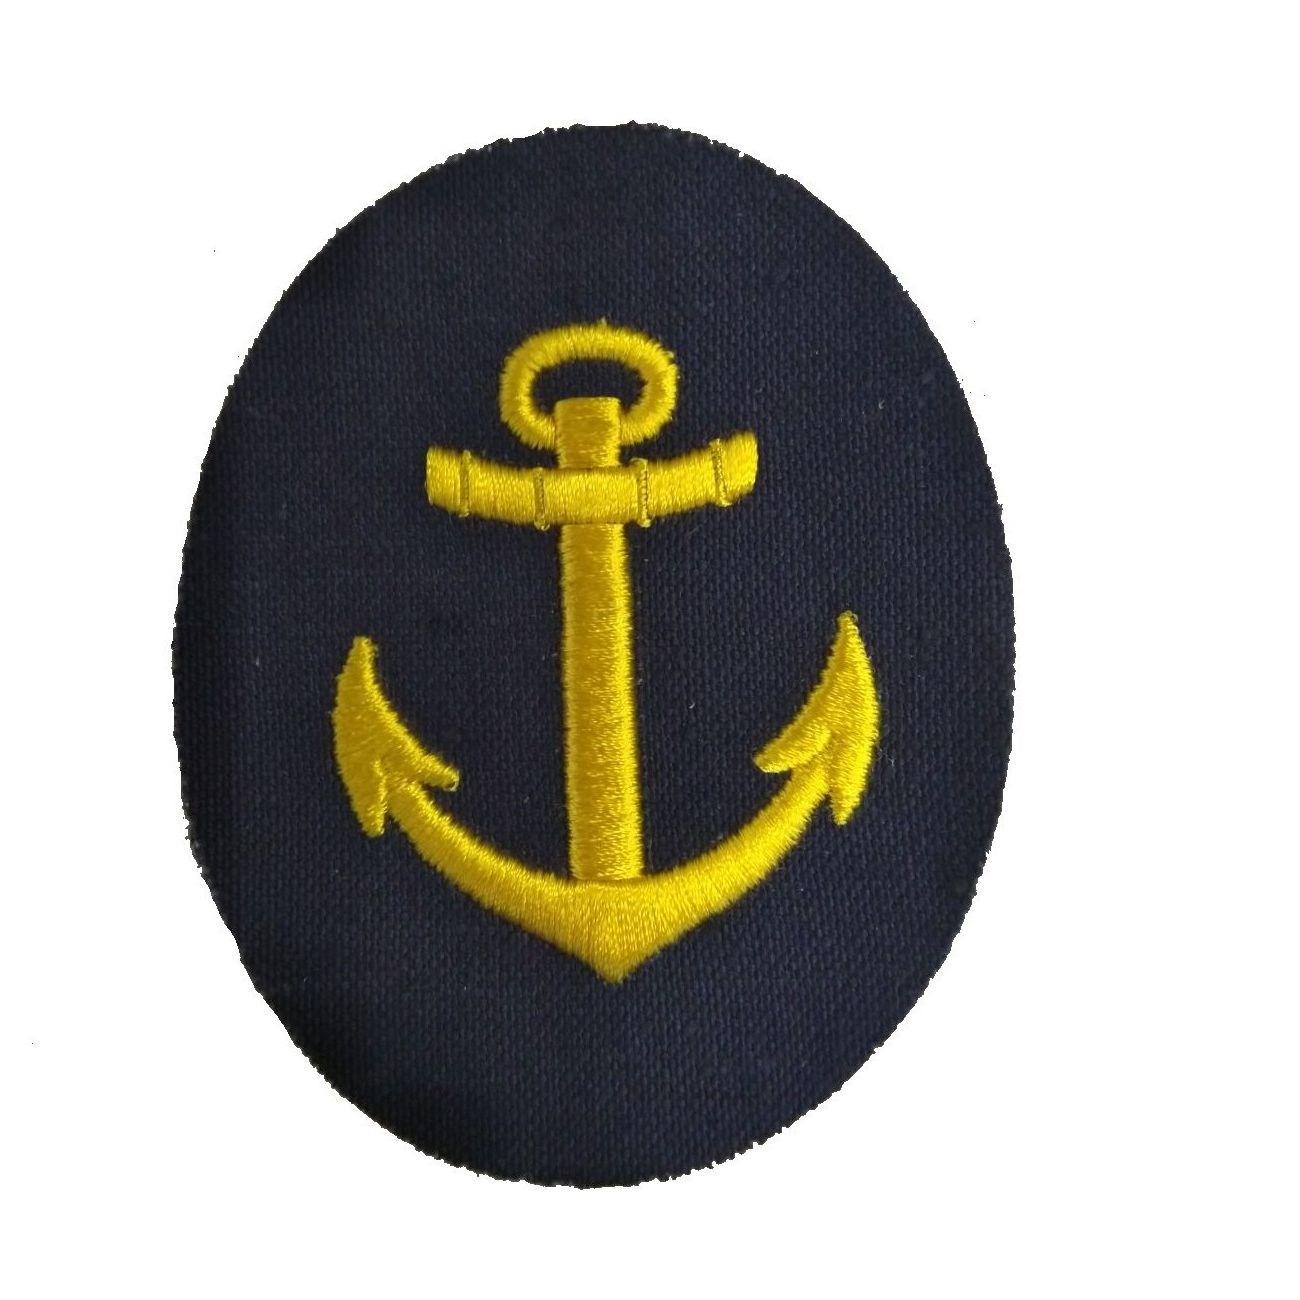 Nášivka námořních jednotek NVA ovál s kotvou